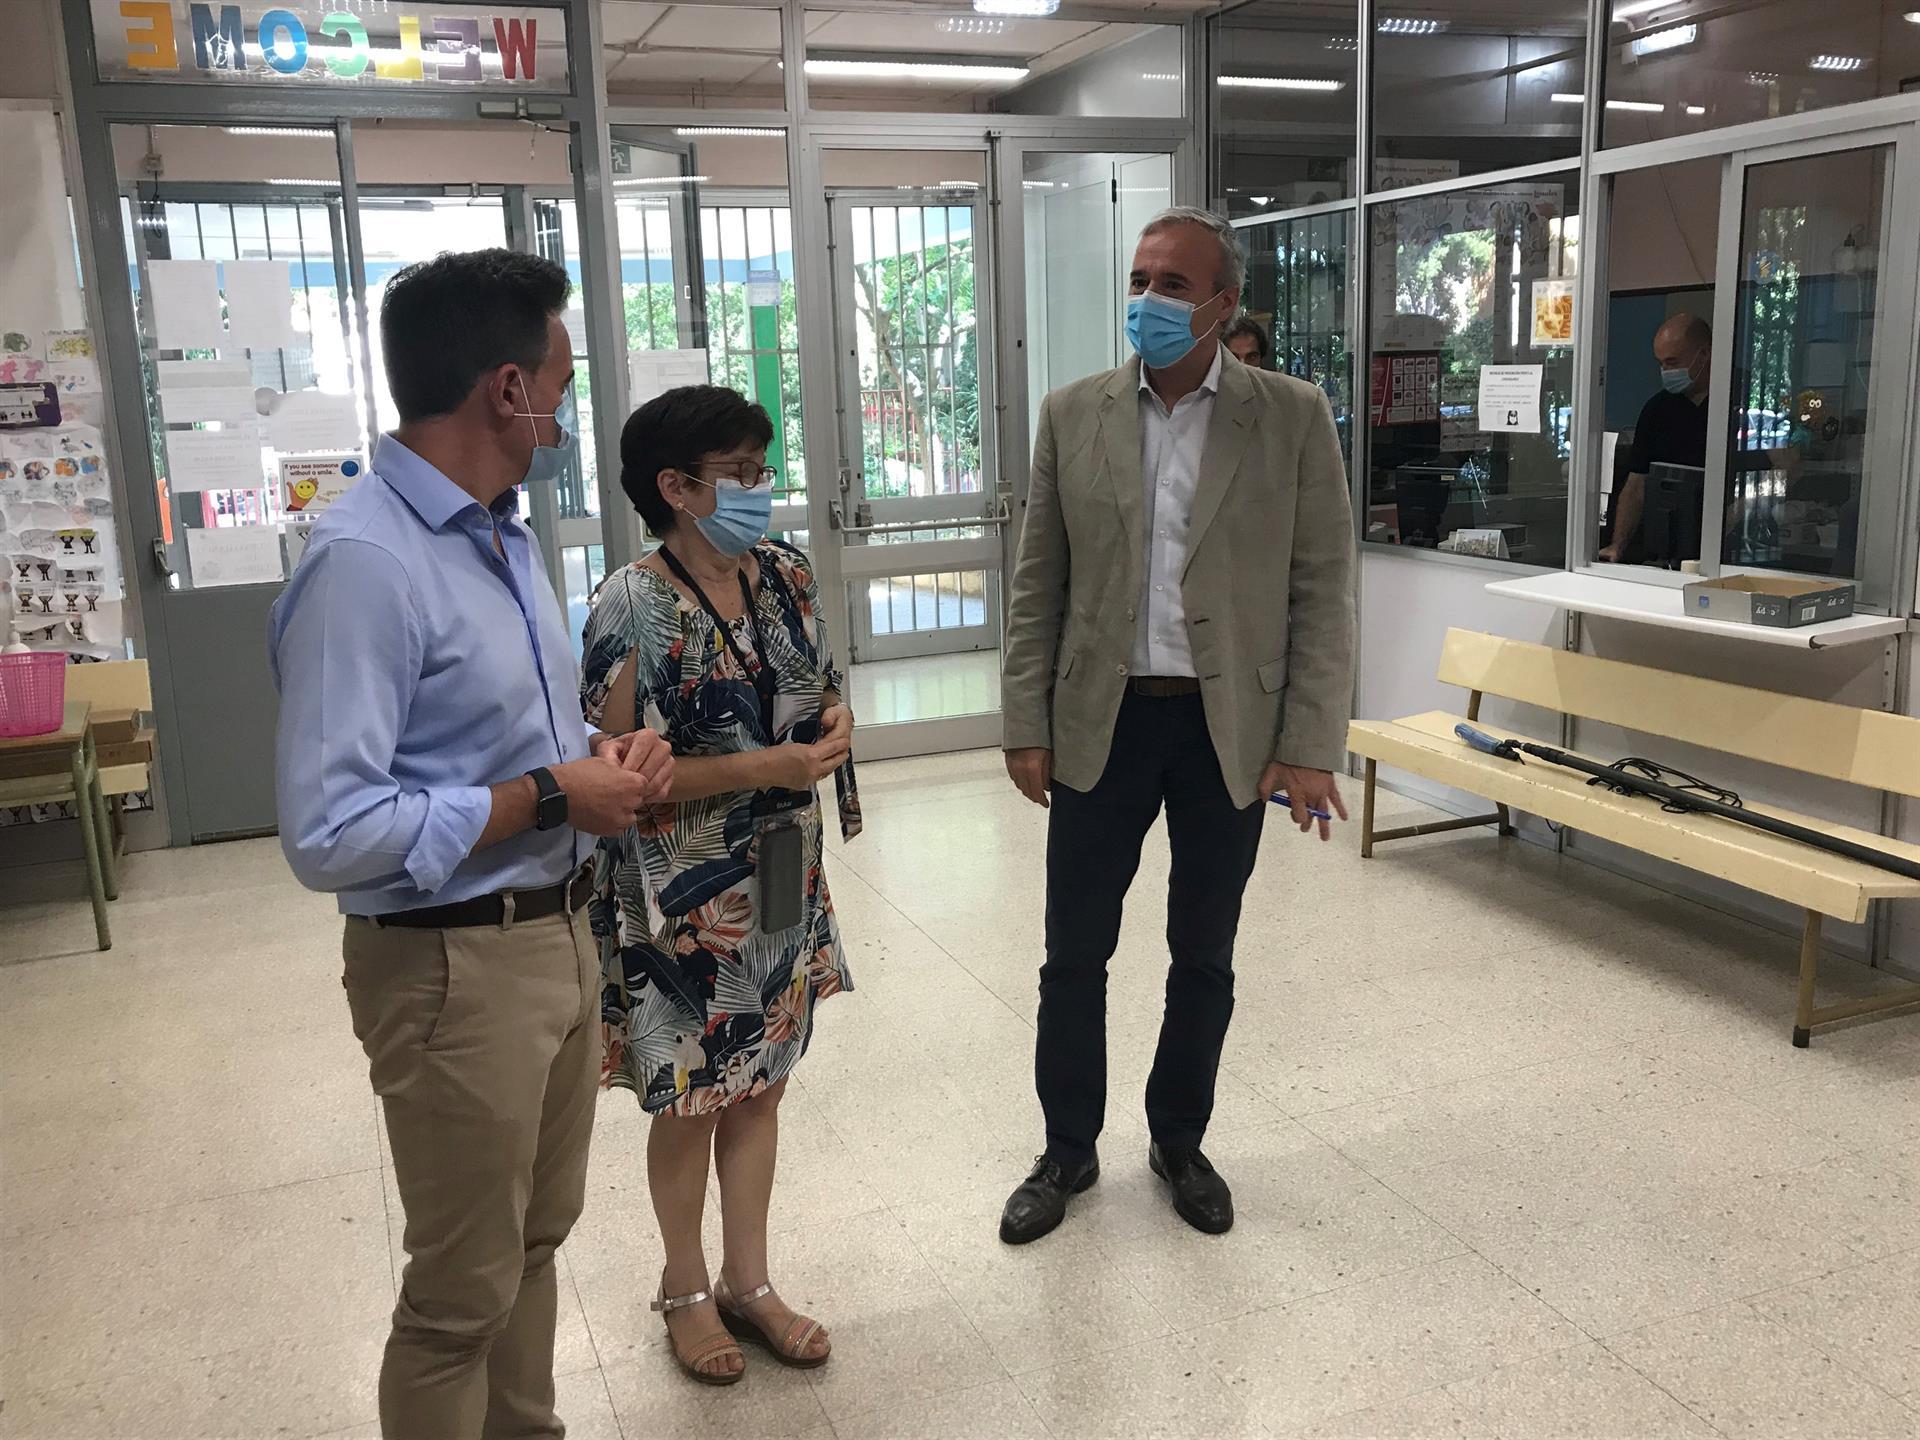 El alcalde de Zaragoza, Jorge Azcón, y el consejero municipal de Urbanismo, Víctor Serrano, visitan el colegio público María Moliner - EUROPA PRESS